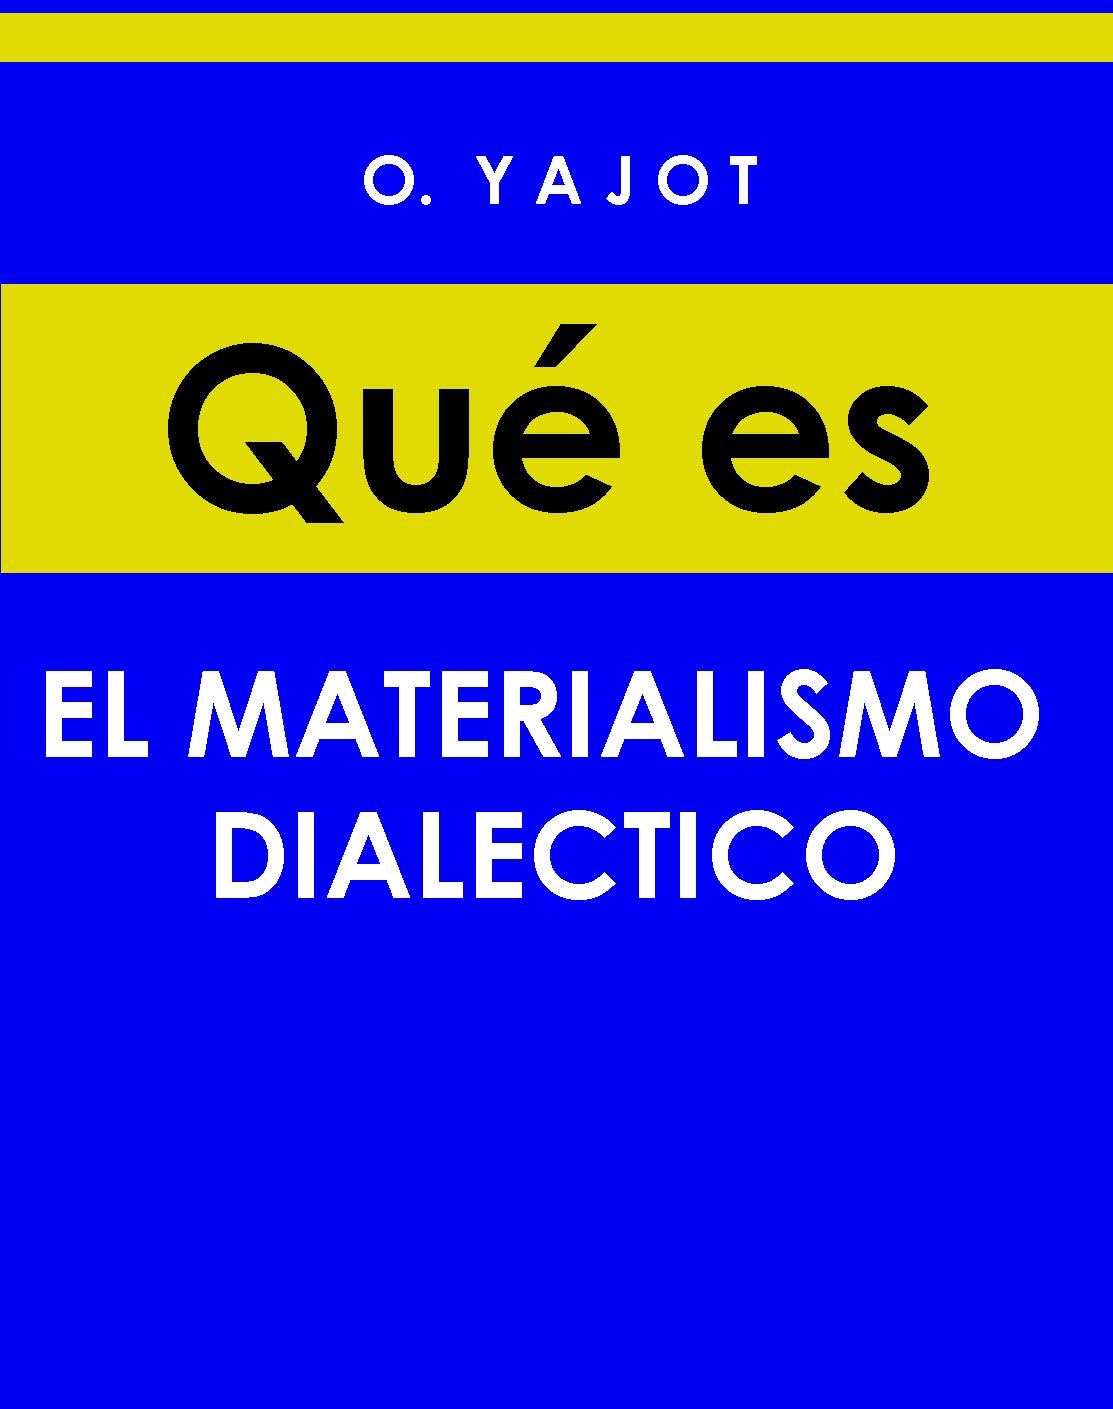 """""""¿Qué es Materialismo Dialéctico?"""" - libro de Ovshi Yajot (de la Academia de Ciencias de la URSS) - actualizados links de descarga y fichero mejorado - Interesante para la formación  - Página 1 M.+DIALECTICO"""